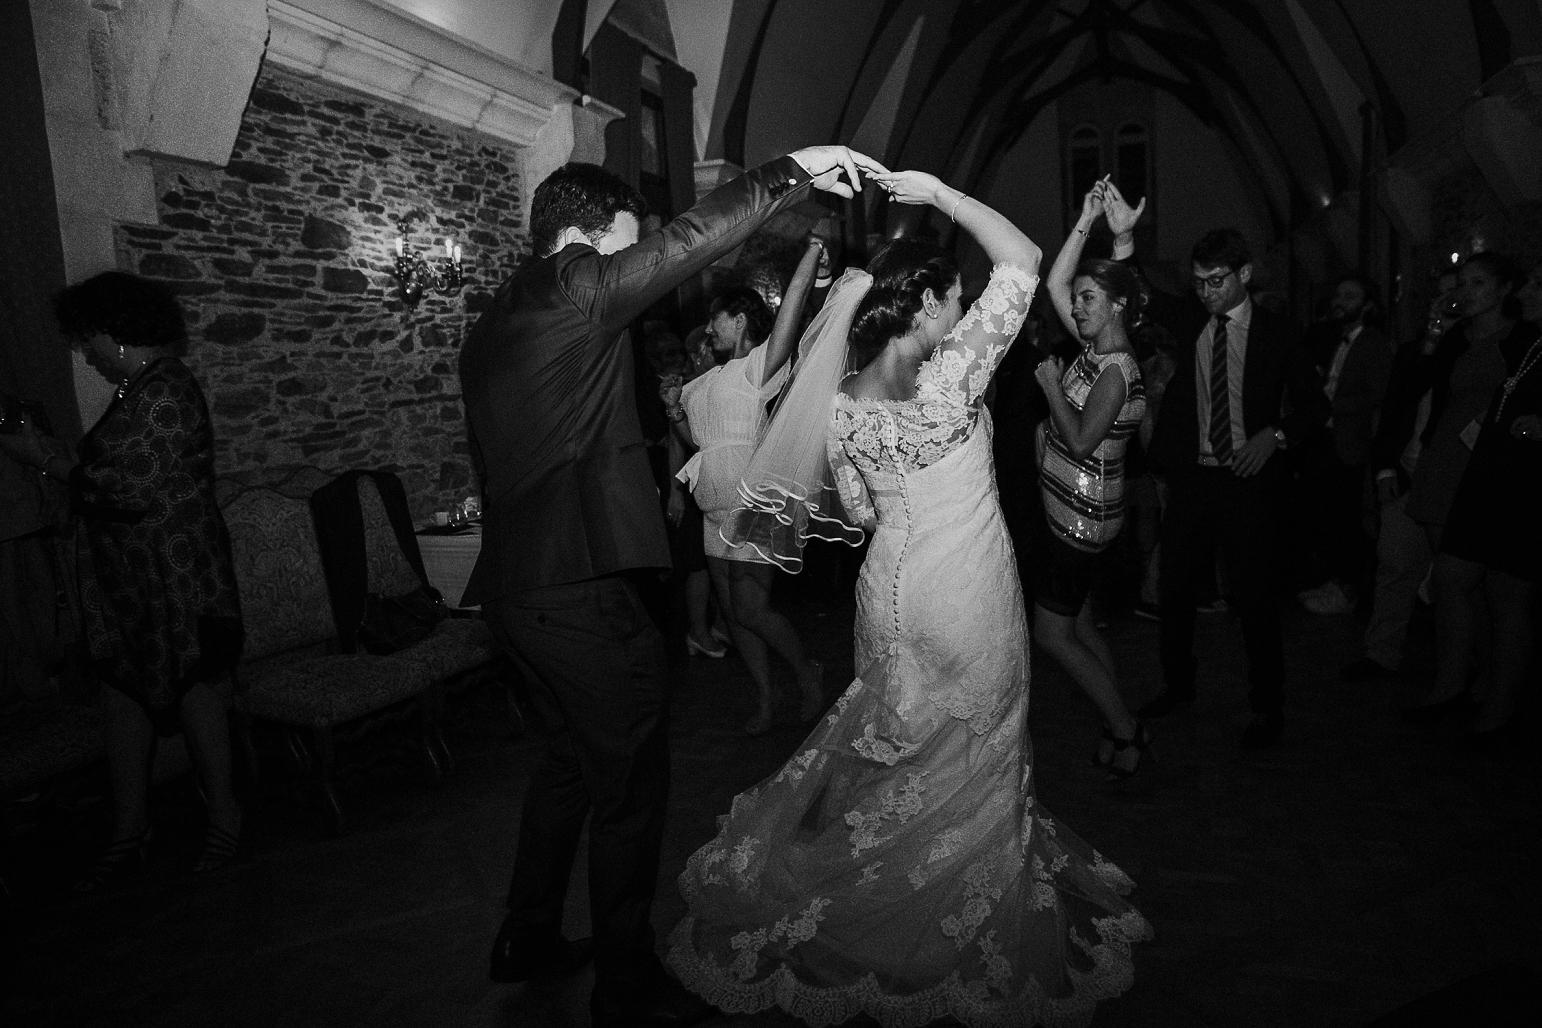 kateryna-photos-mariage-wedding-france-bretagne-pays-de-la-loire-chateau-de-la-colaissiere-st-sauveur-de-landemont_0095.jpg